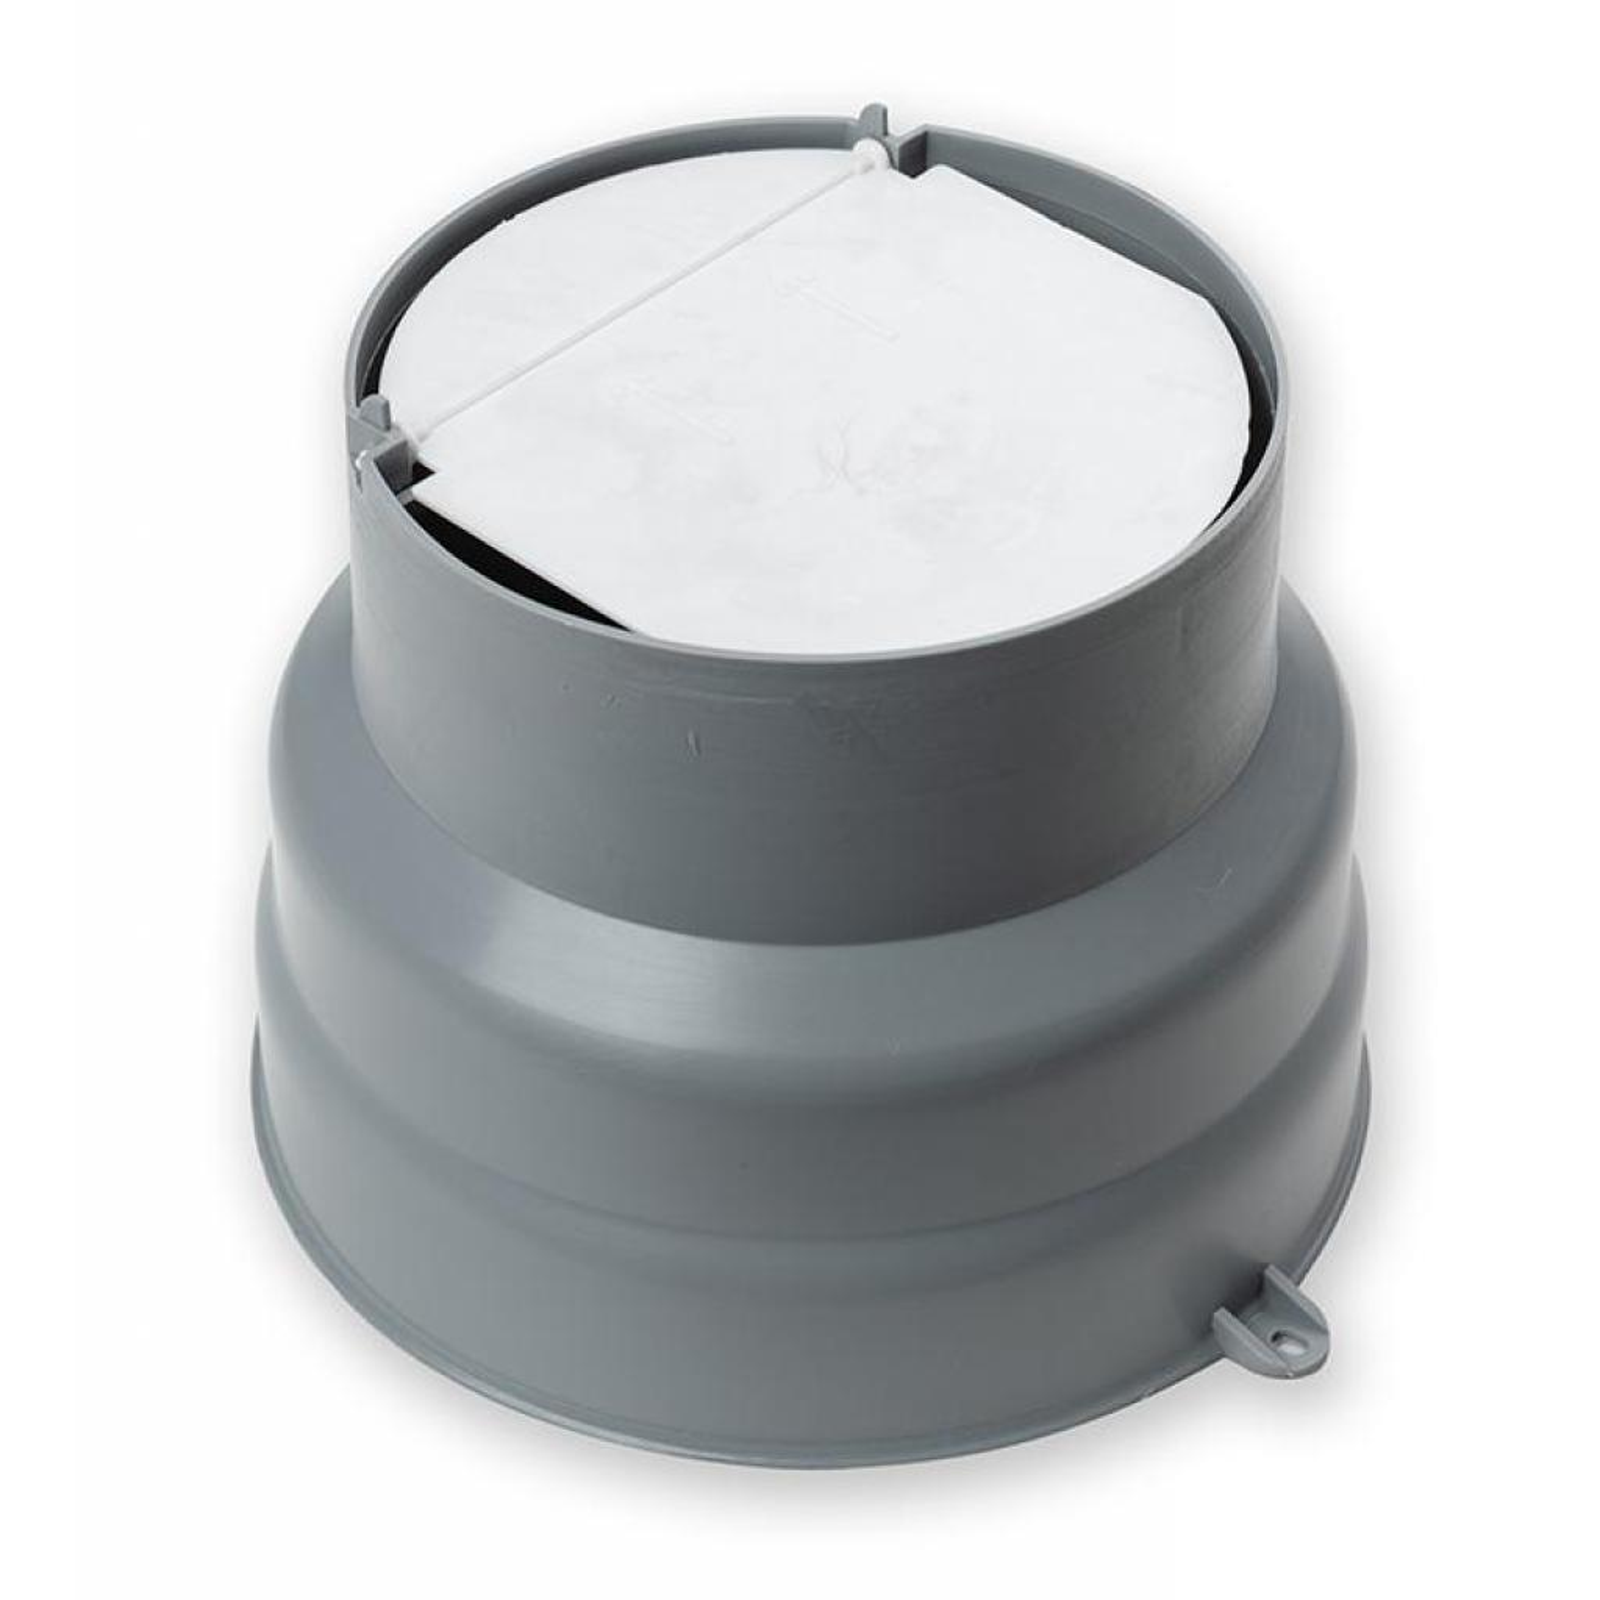 Вытяжка кухонная MINOLA HBI 5824 IV 1200 LED изображение 2